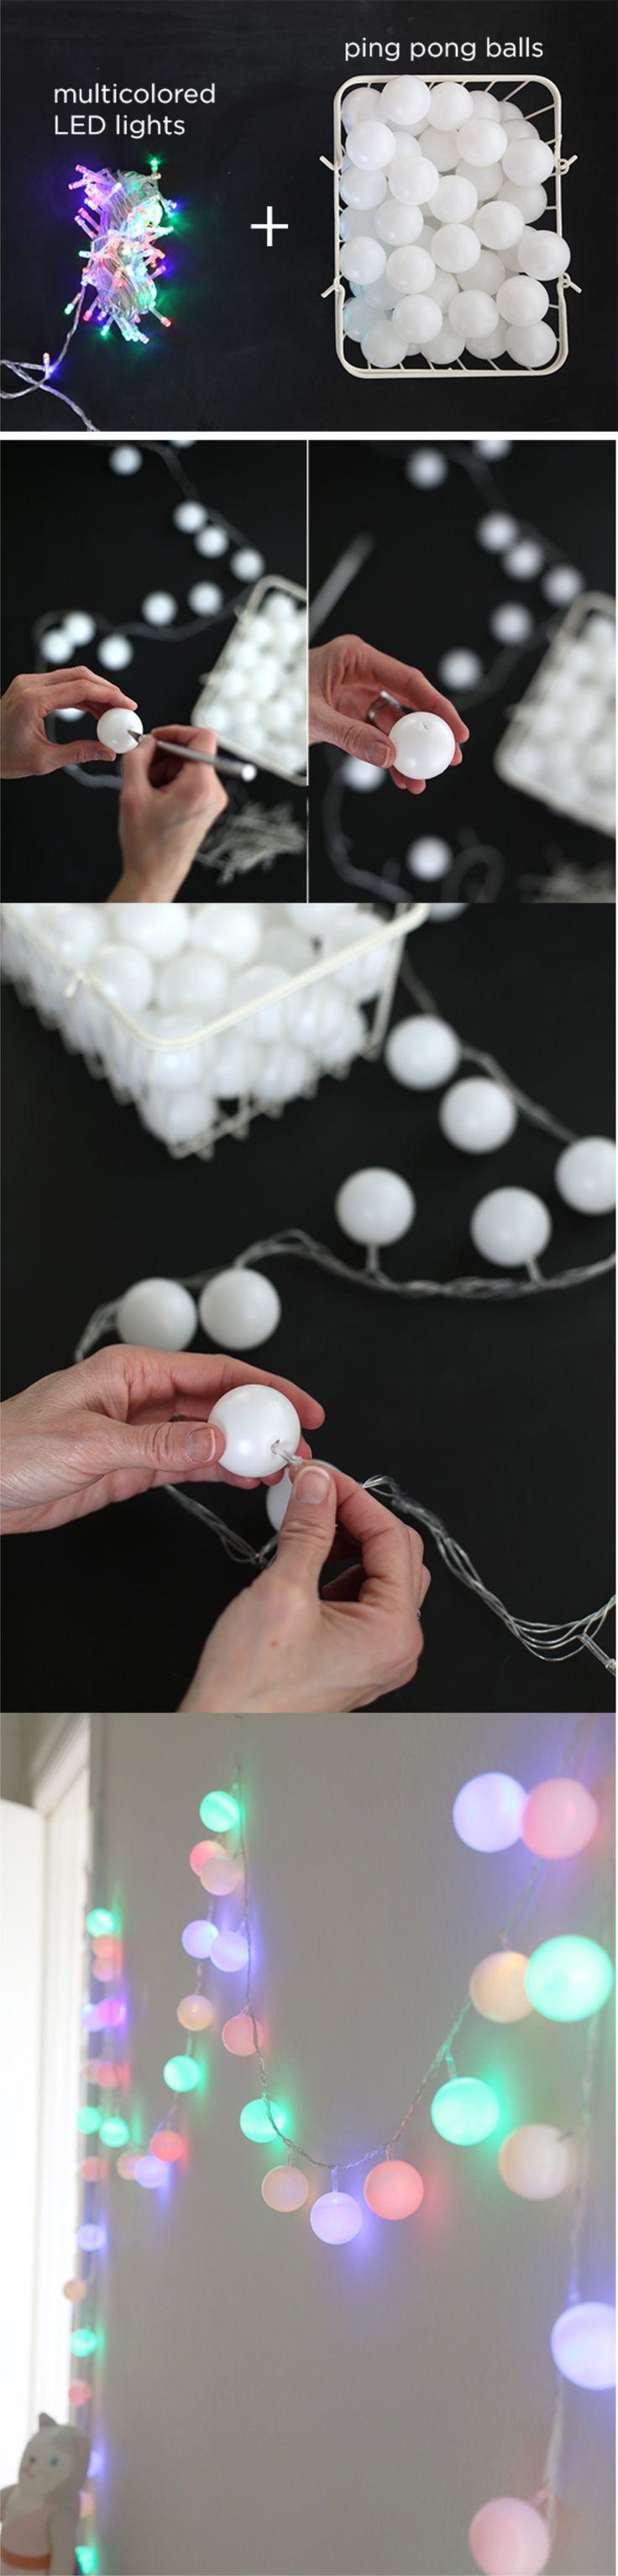 Ingeniosos farolillos con pelotas de ping pong / Via sayyes.com                                                                                                                                                                                 Más